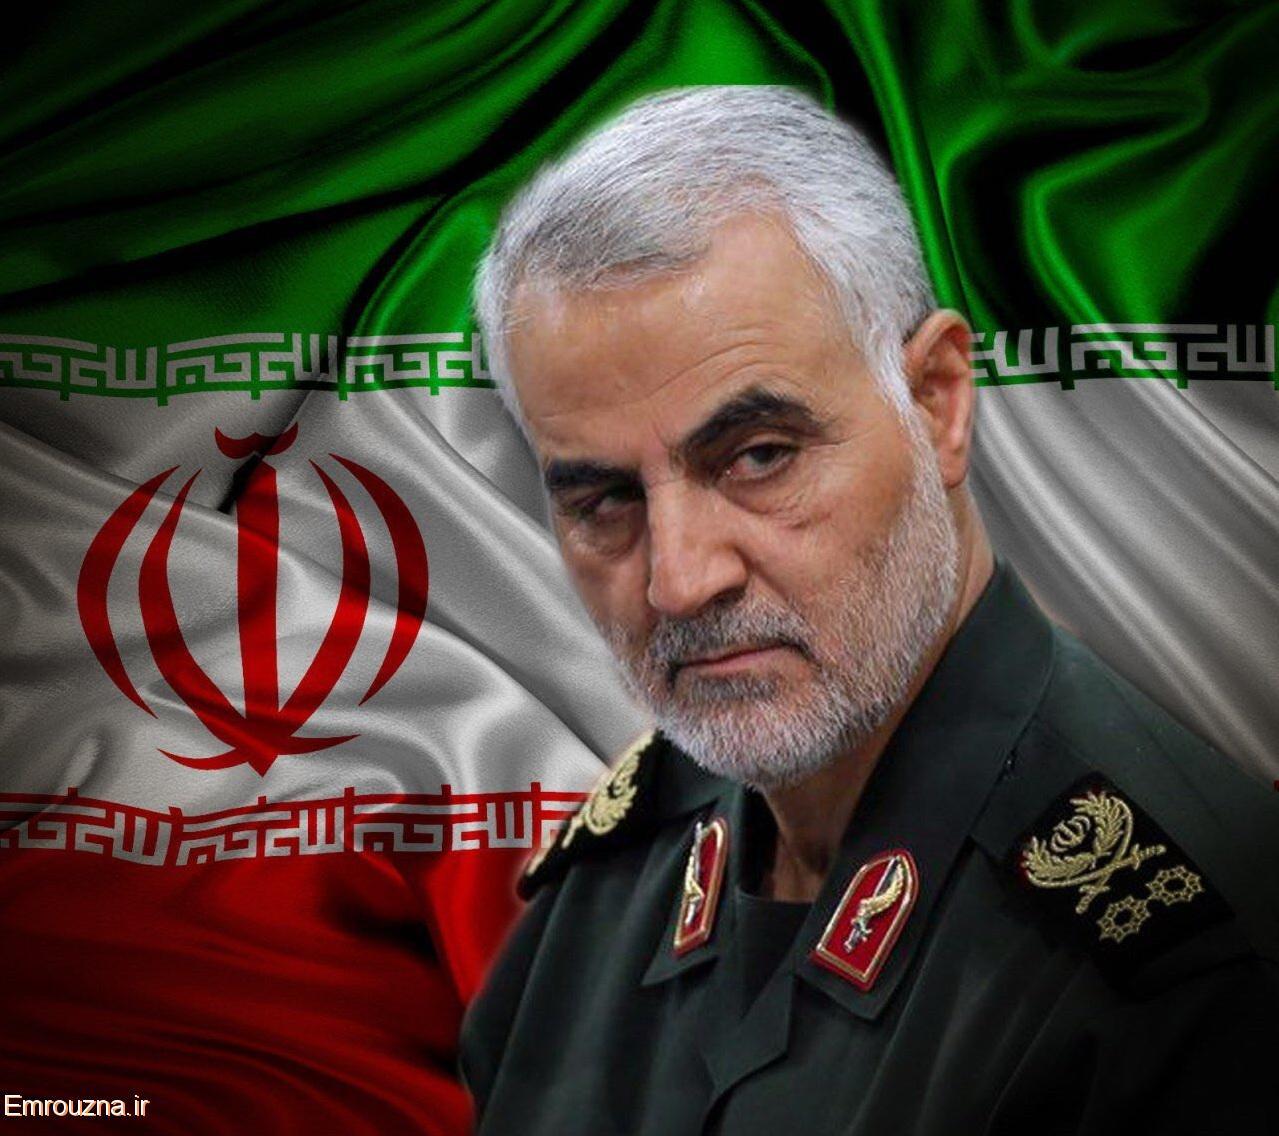 روایت عجیب ژنرال آمریکایی از تعقیب شبانه سردار سلیمانی/ در تاریکی محو شد!+ عکس